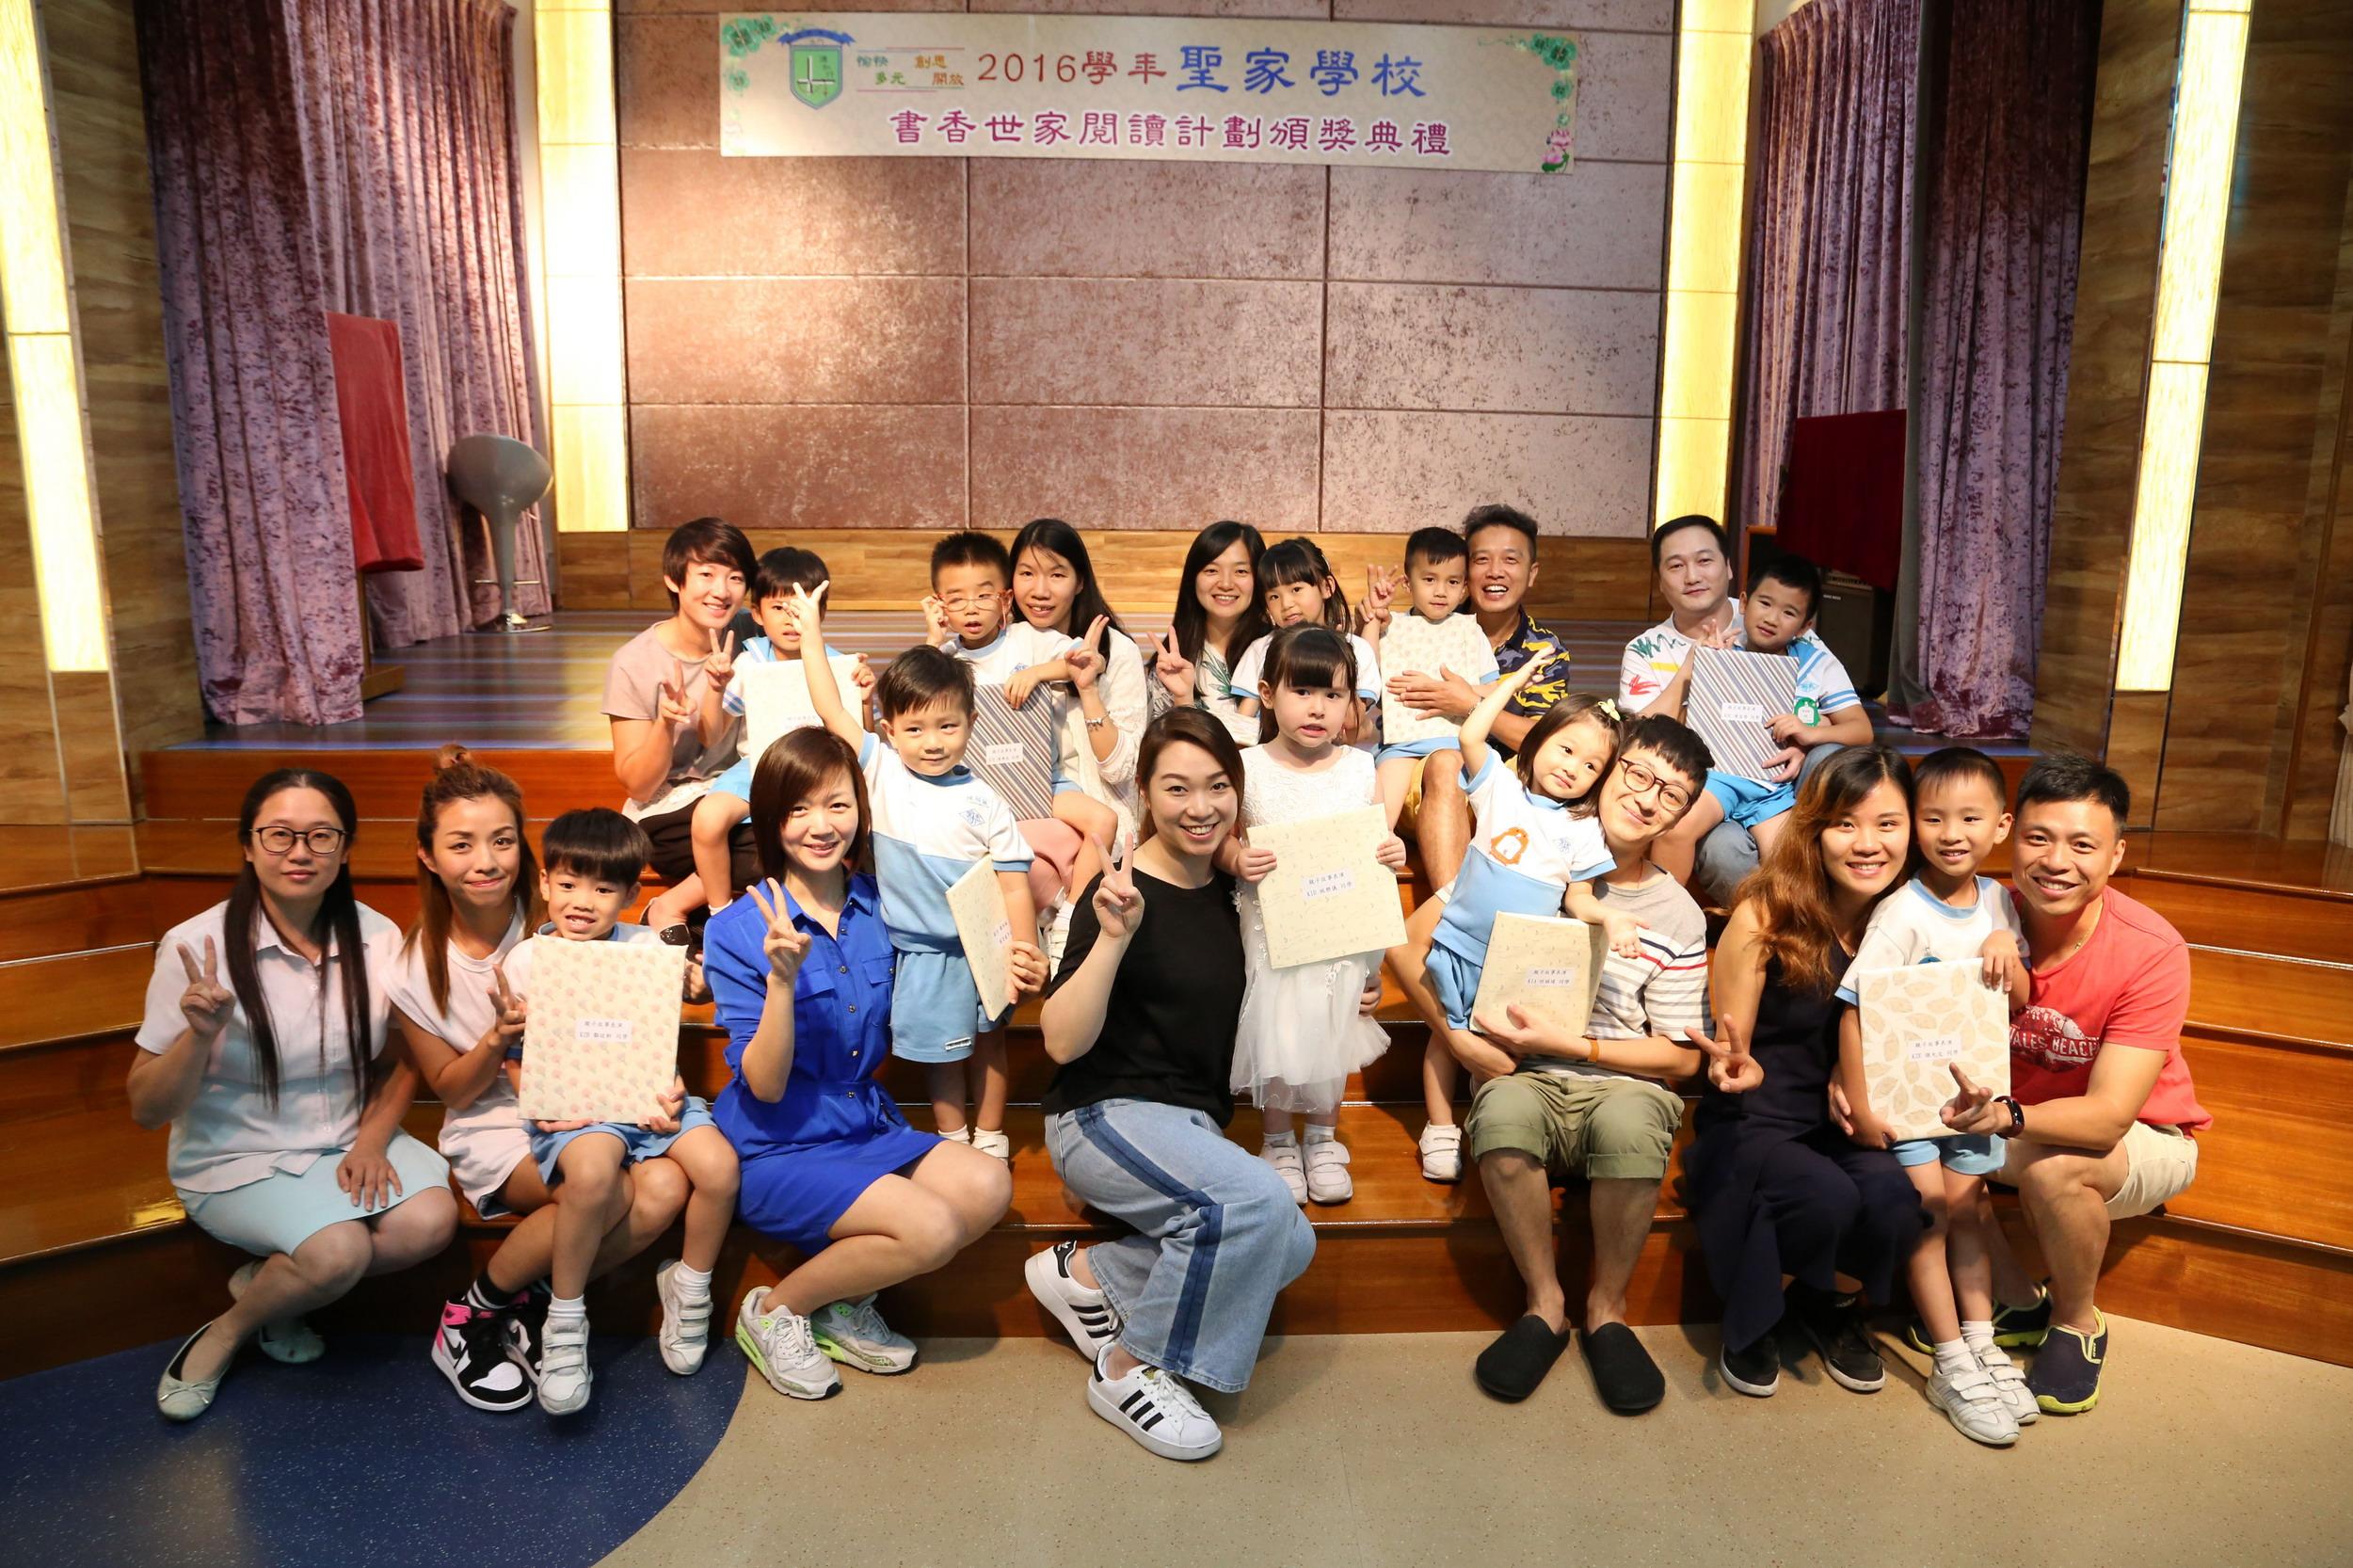 2016學年書香世家閱讀計劃頒獎典禮